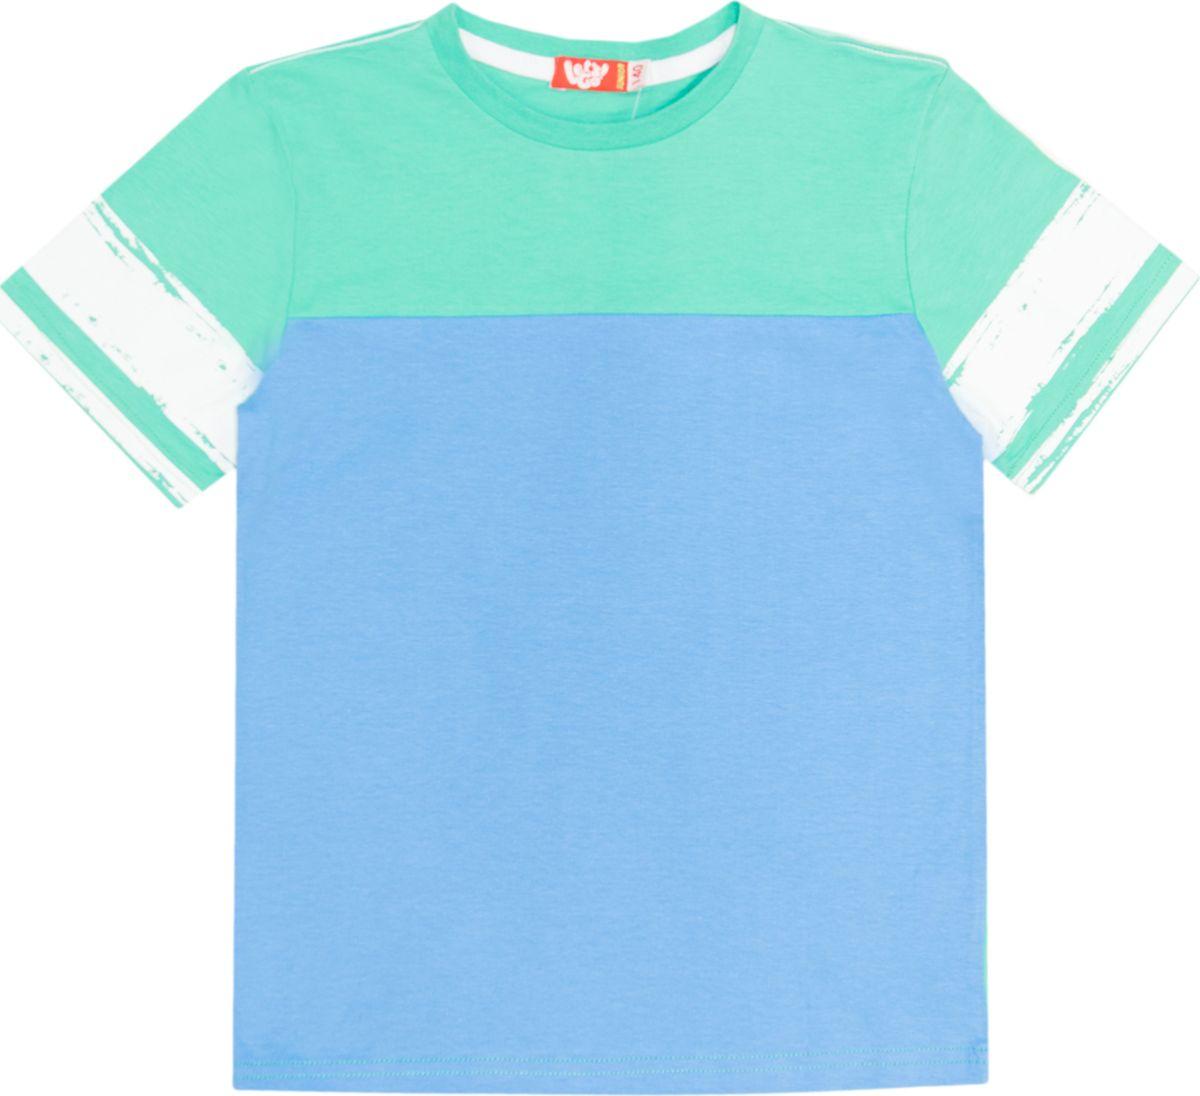 Футболка для мальчика Lets Go, цвет: зеленый, темно-голубой. 5250. Размер 1585250